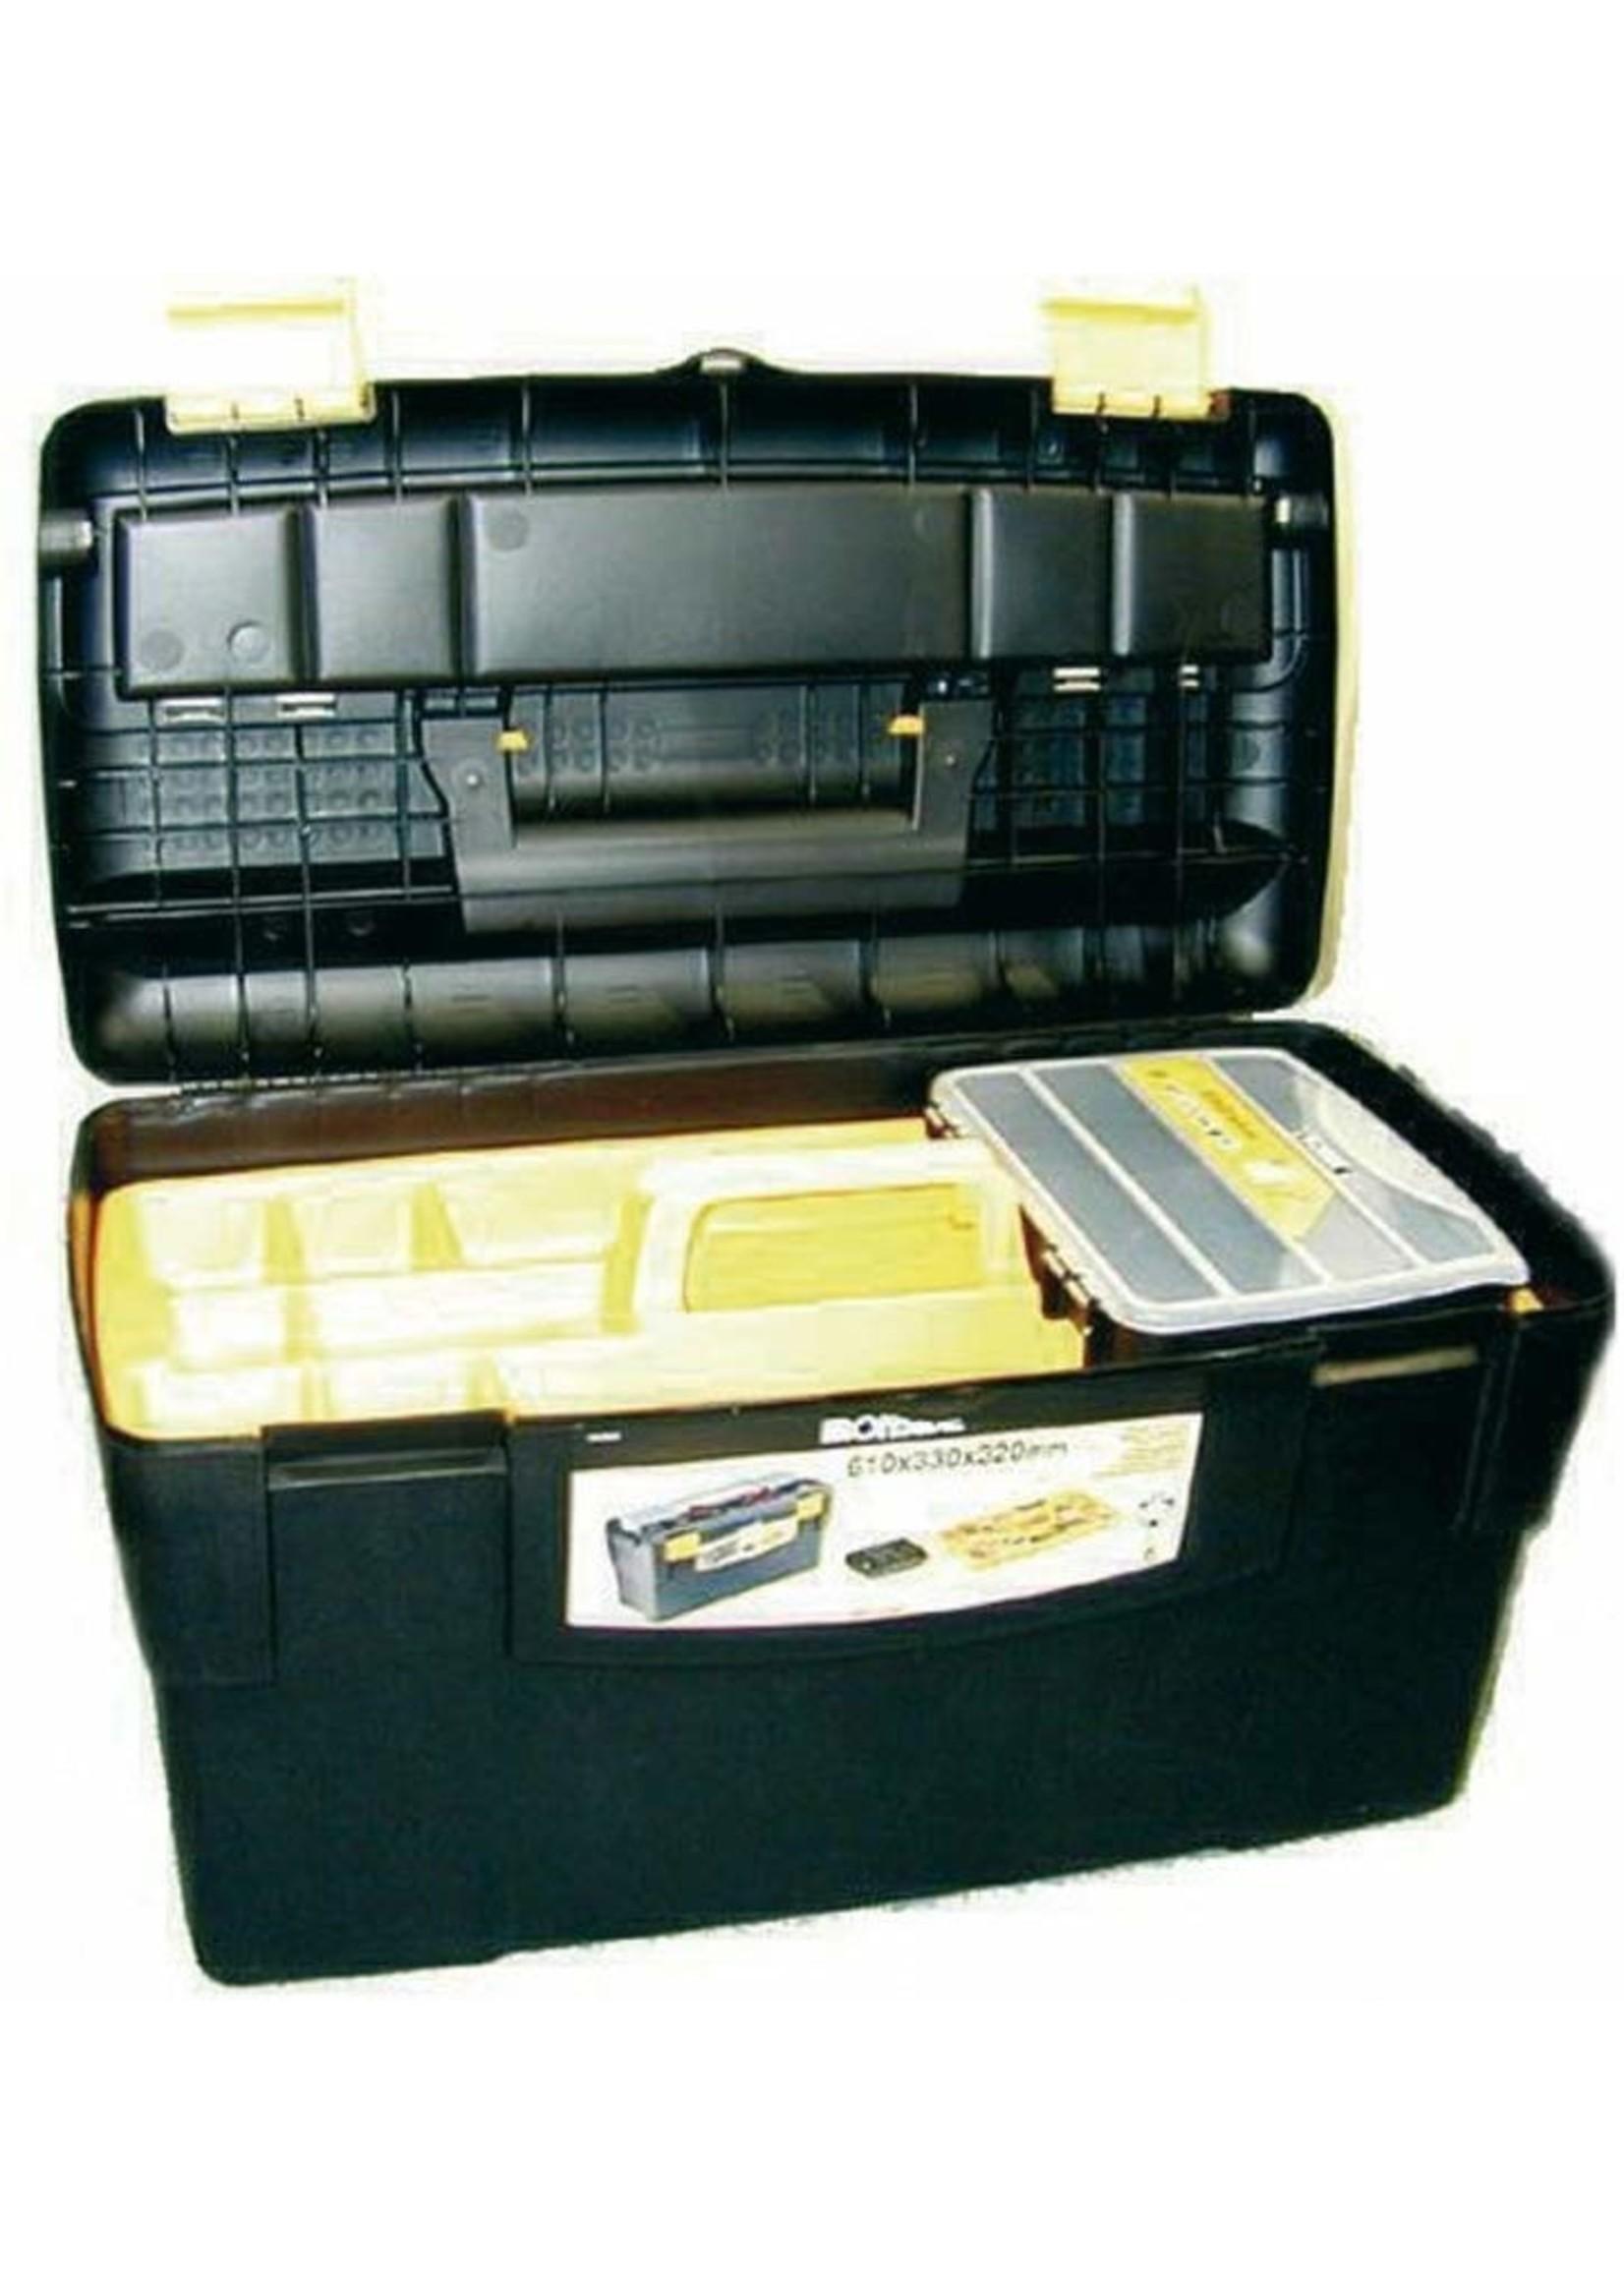 Ironside Ironside gereedschapskoffer large 610 x 330 x 320 mm